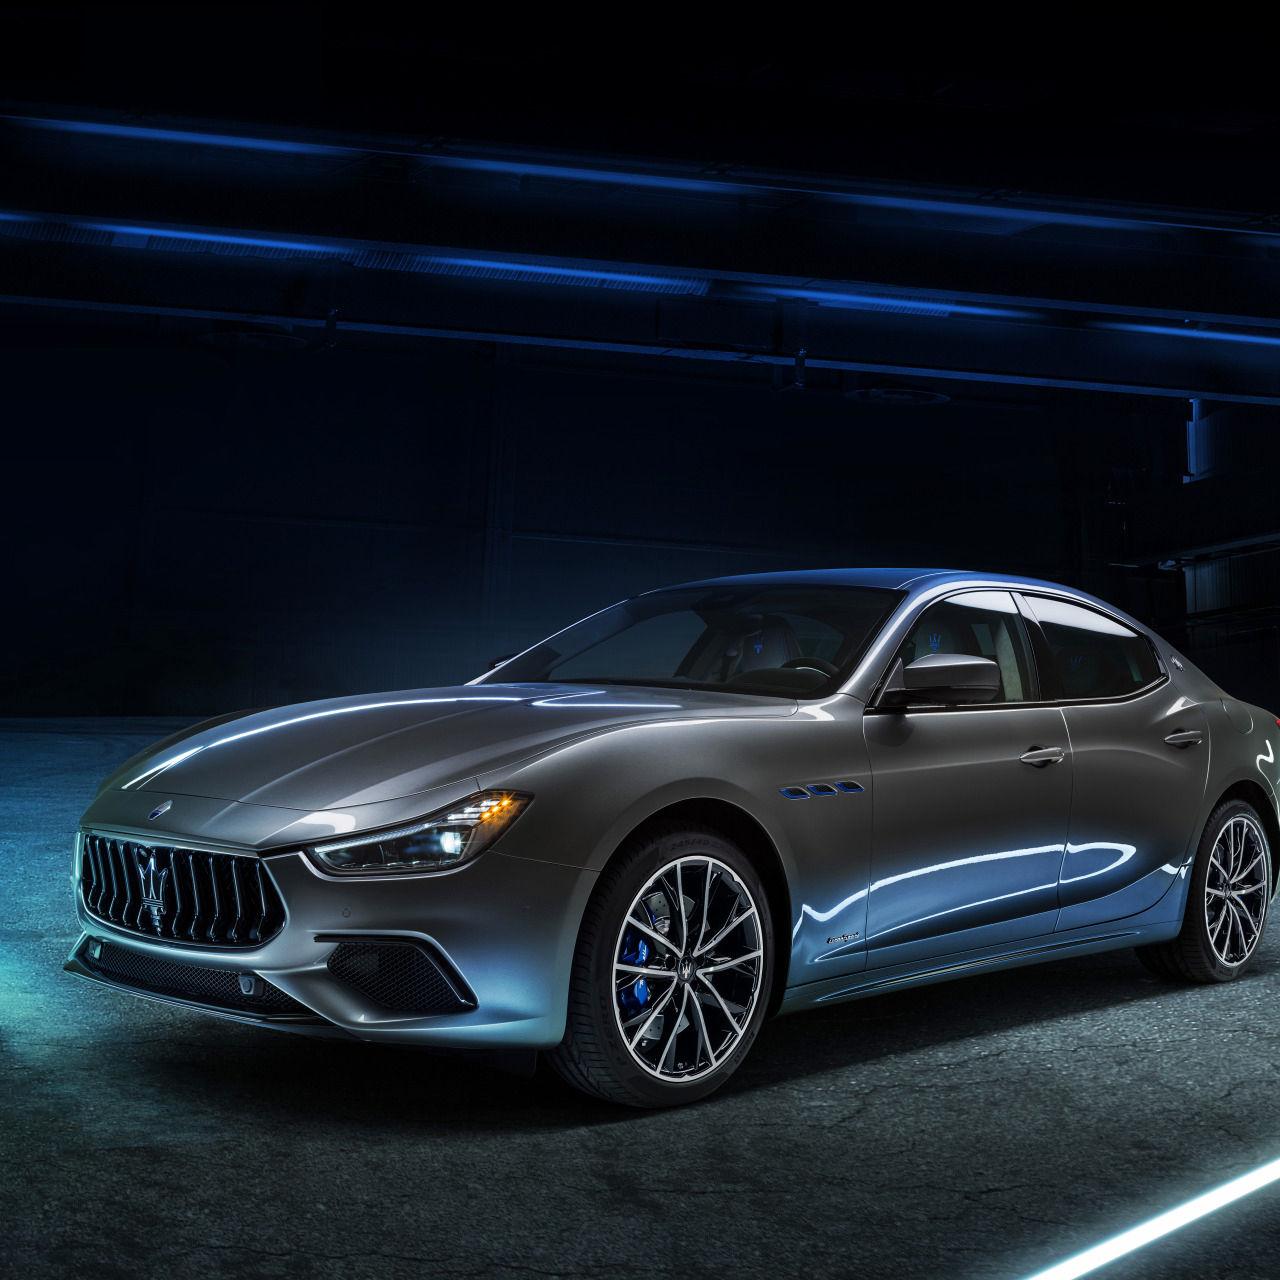 Maserati Ghibli Hybrid - Grau - Frontansicht